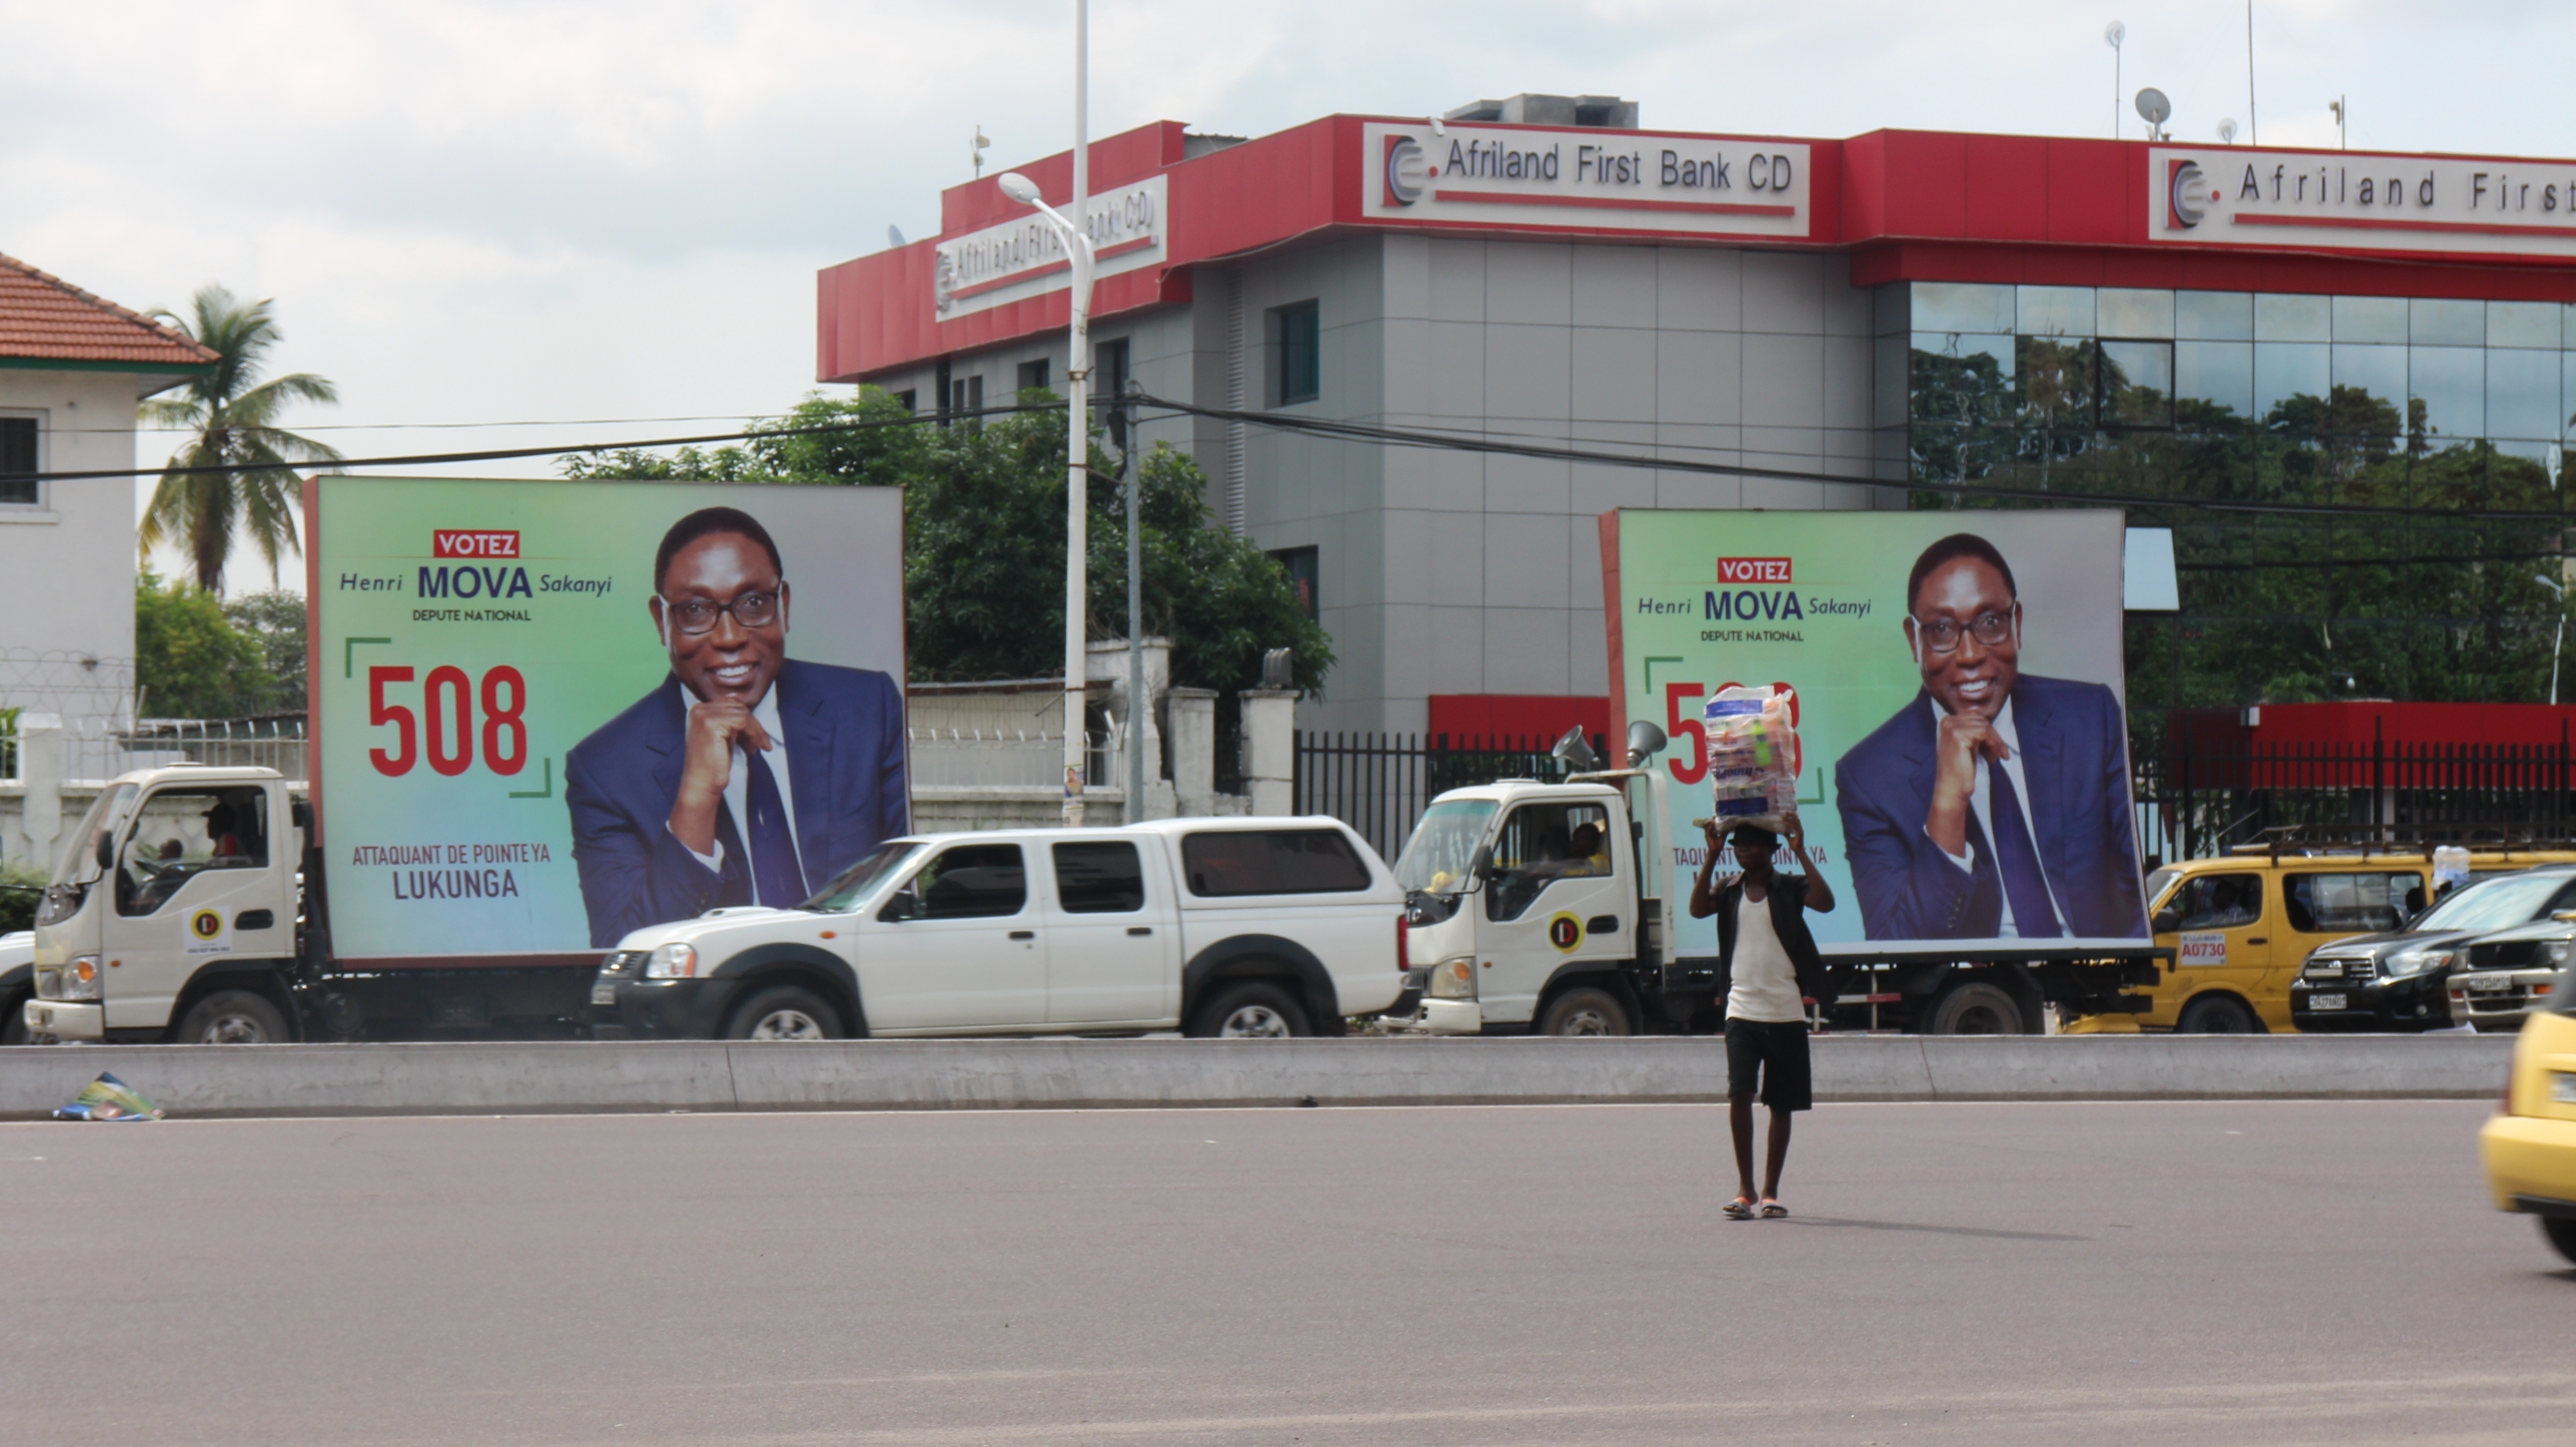 Une caravane de campagne de Henri Mova Sakanyi à Kinshasa, le 8 décembre 2018.